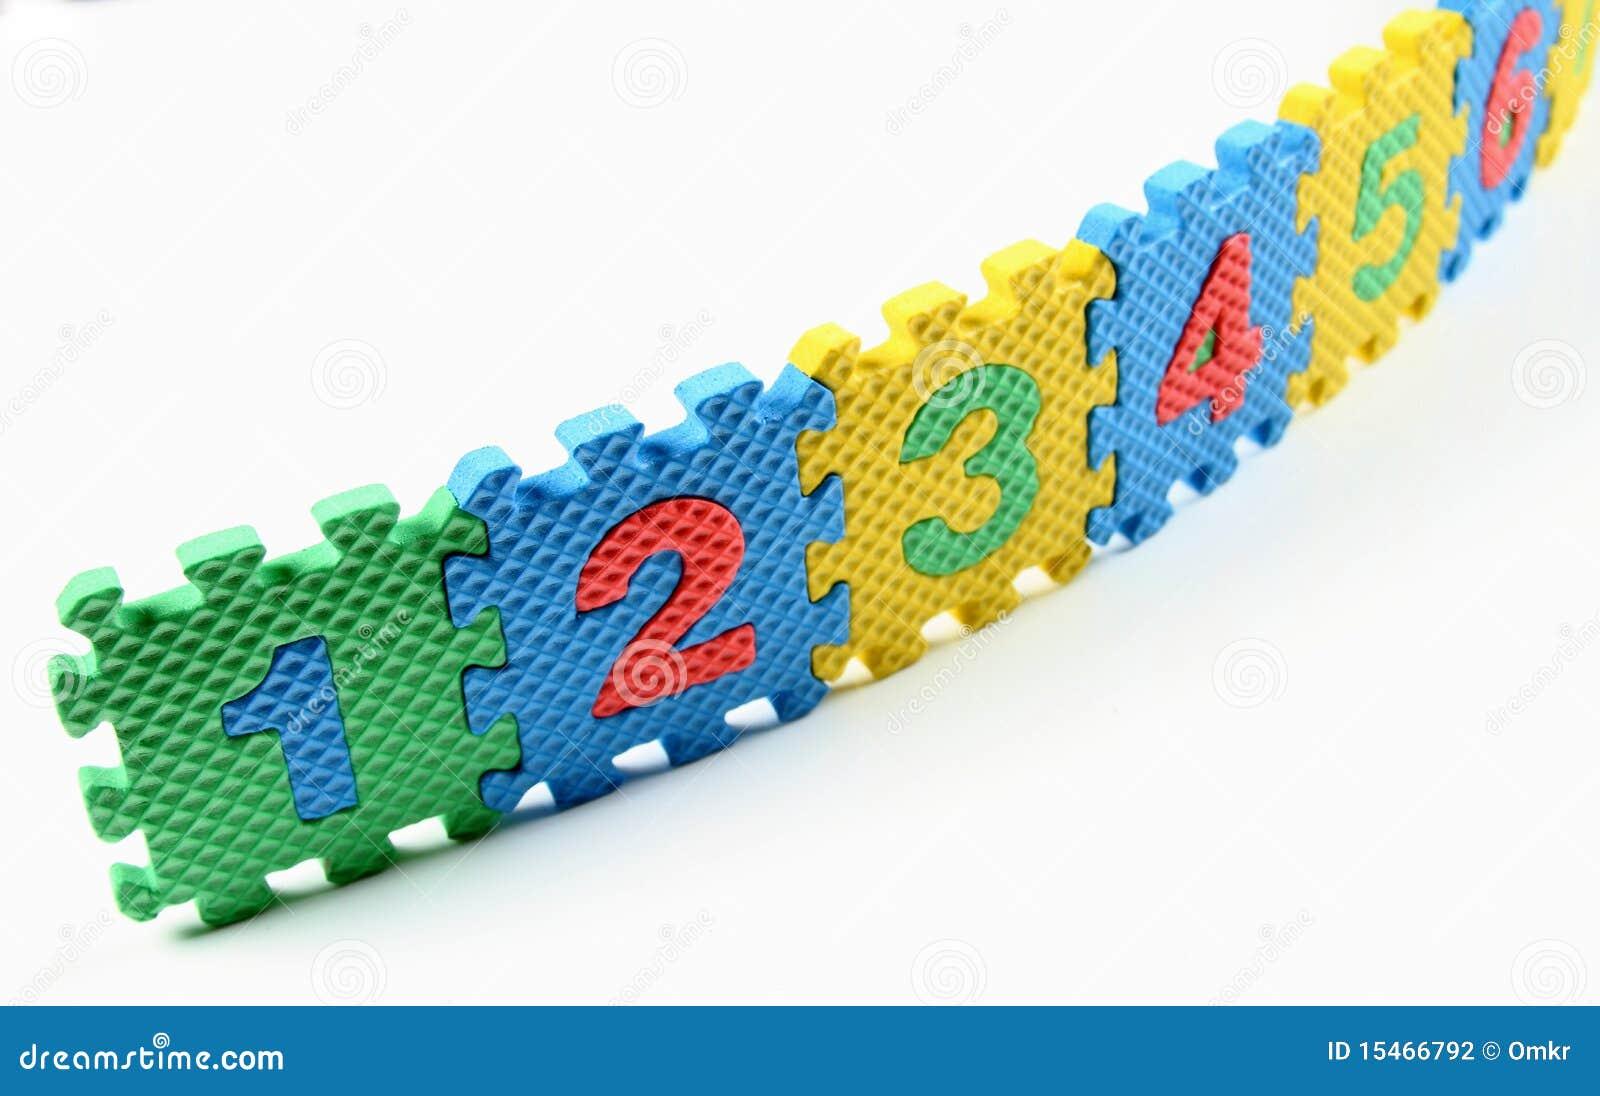 Enigmas do número arranjados em uma fileira